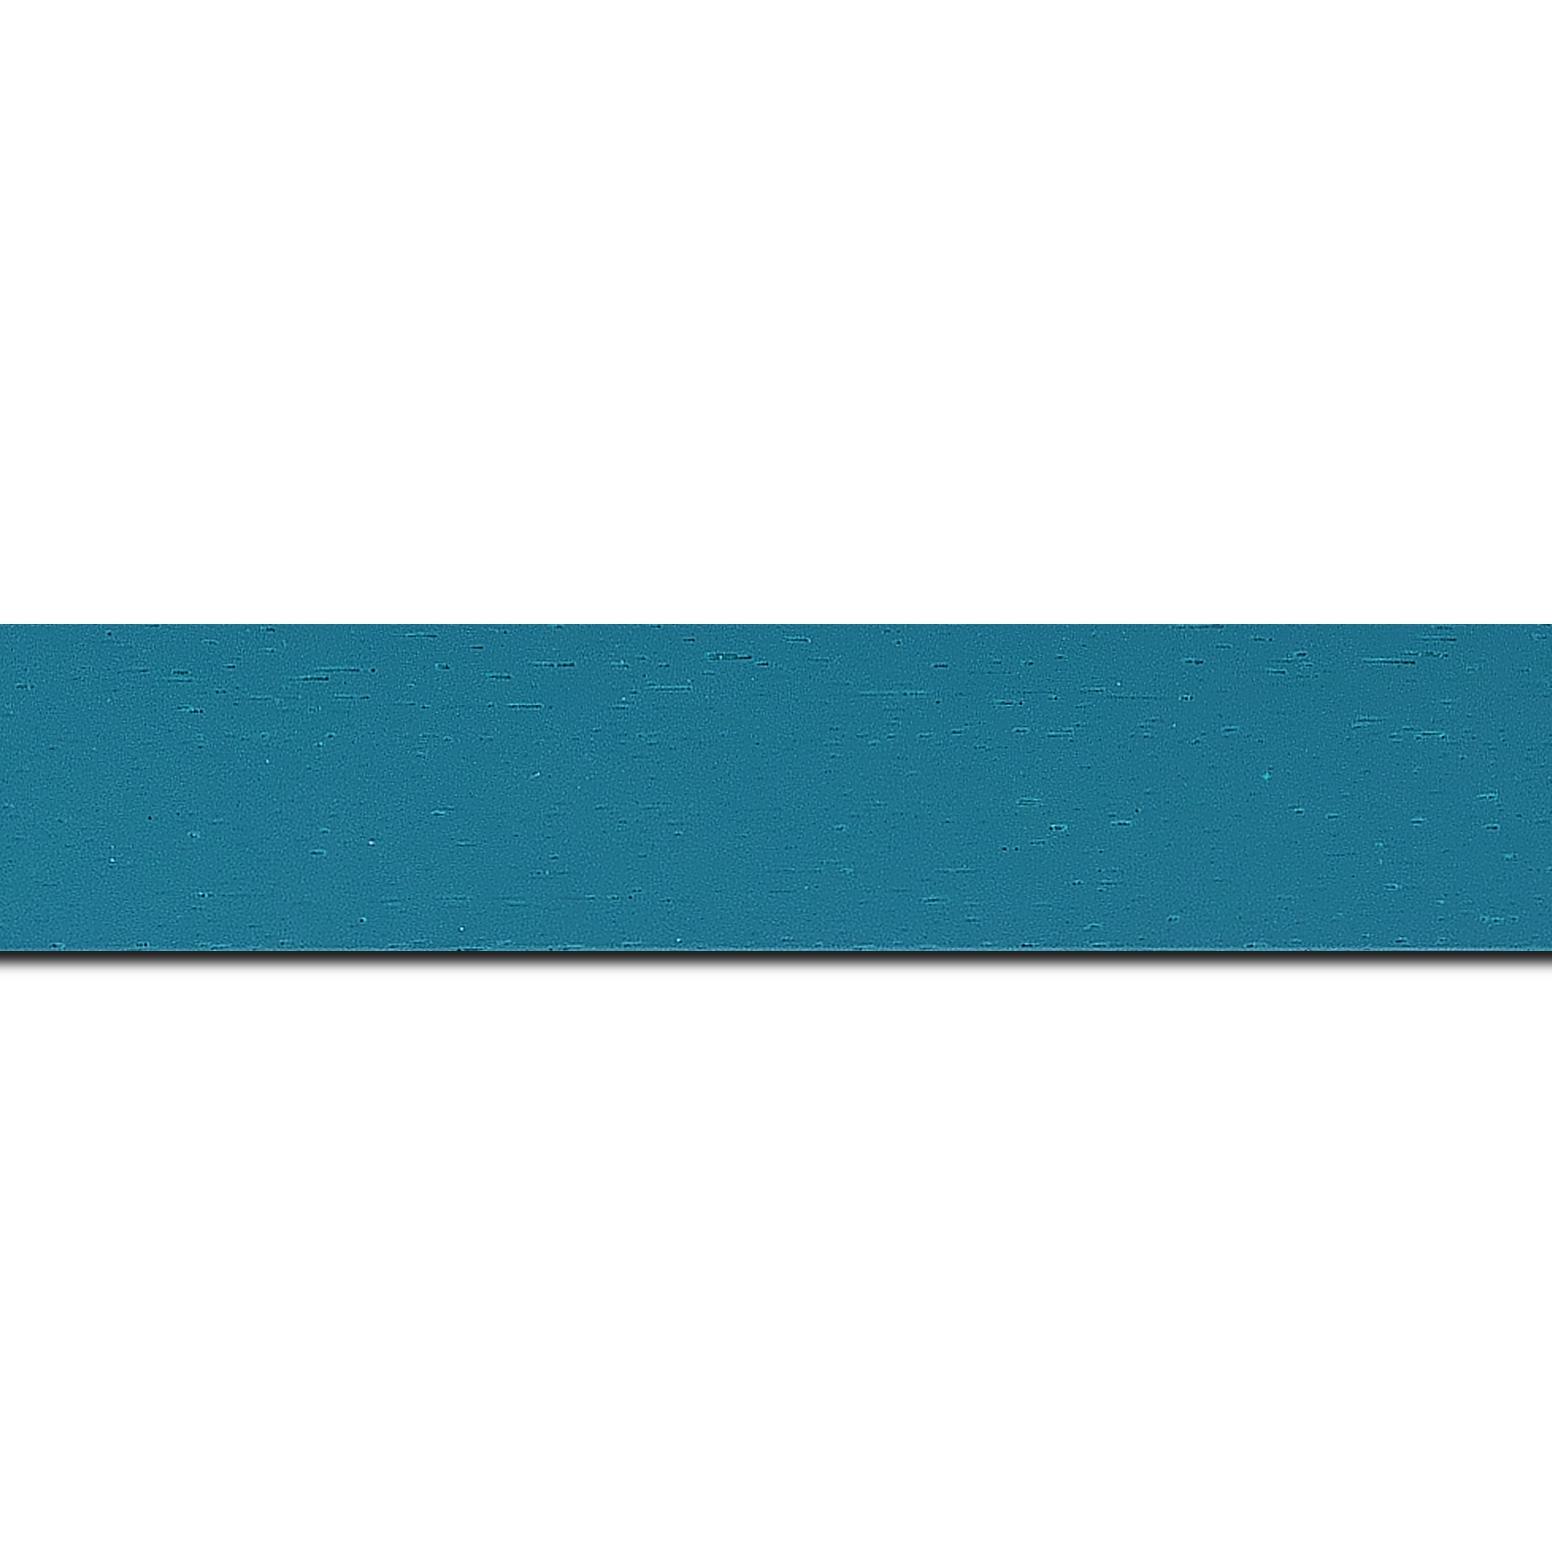 Pack par 12m, bois profil plat largeur 3cm couleur bleu turquoise satiné (longueur baguette pouvant varier entre 2.40m et 3m selon arrivage des bois)